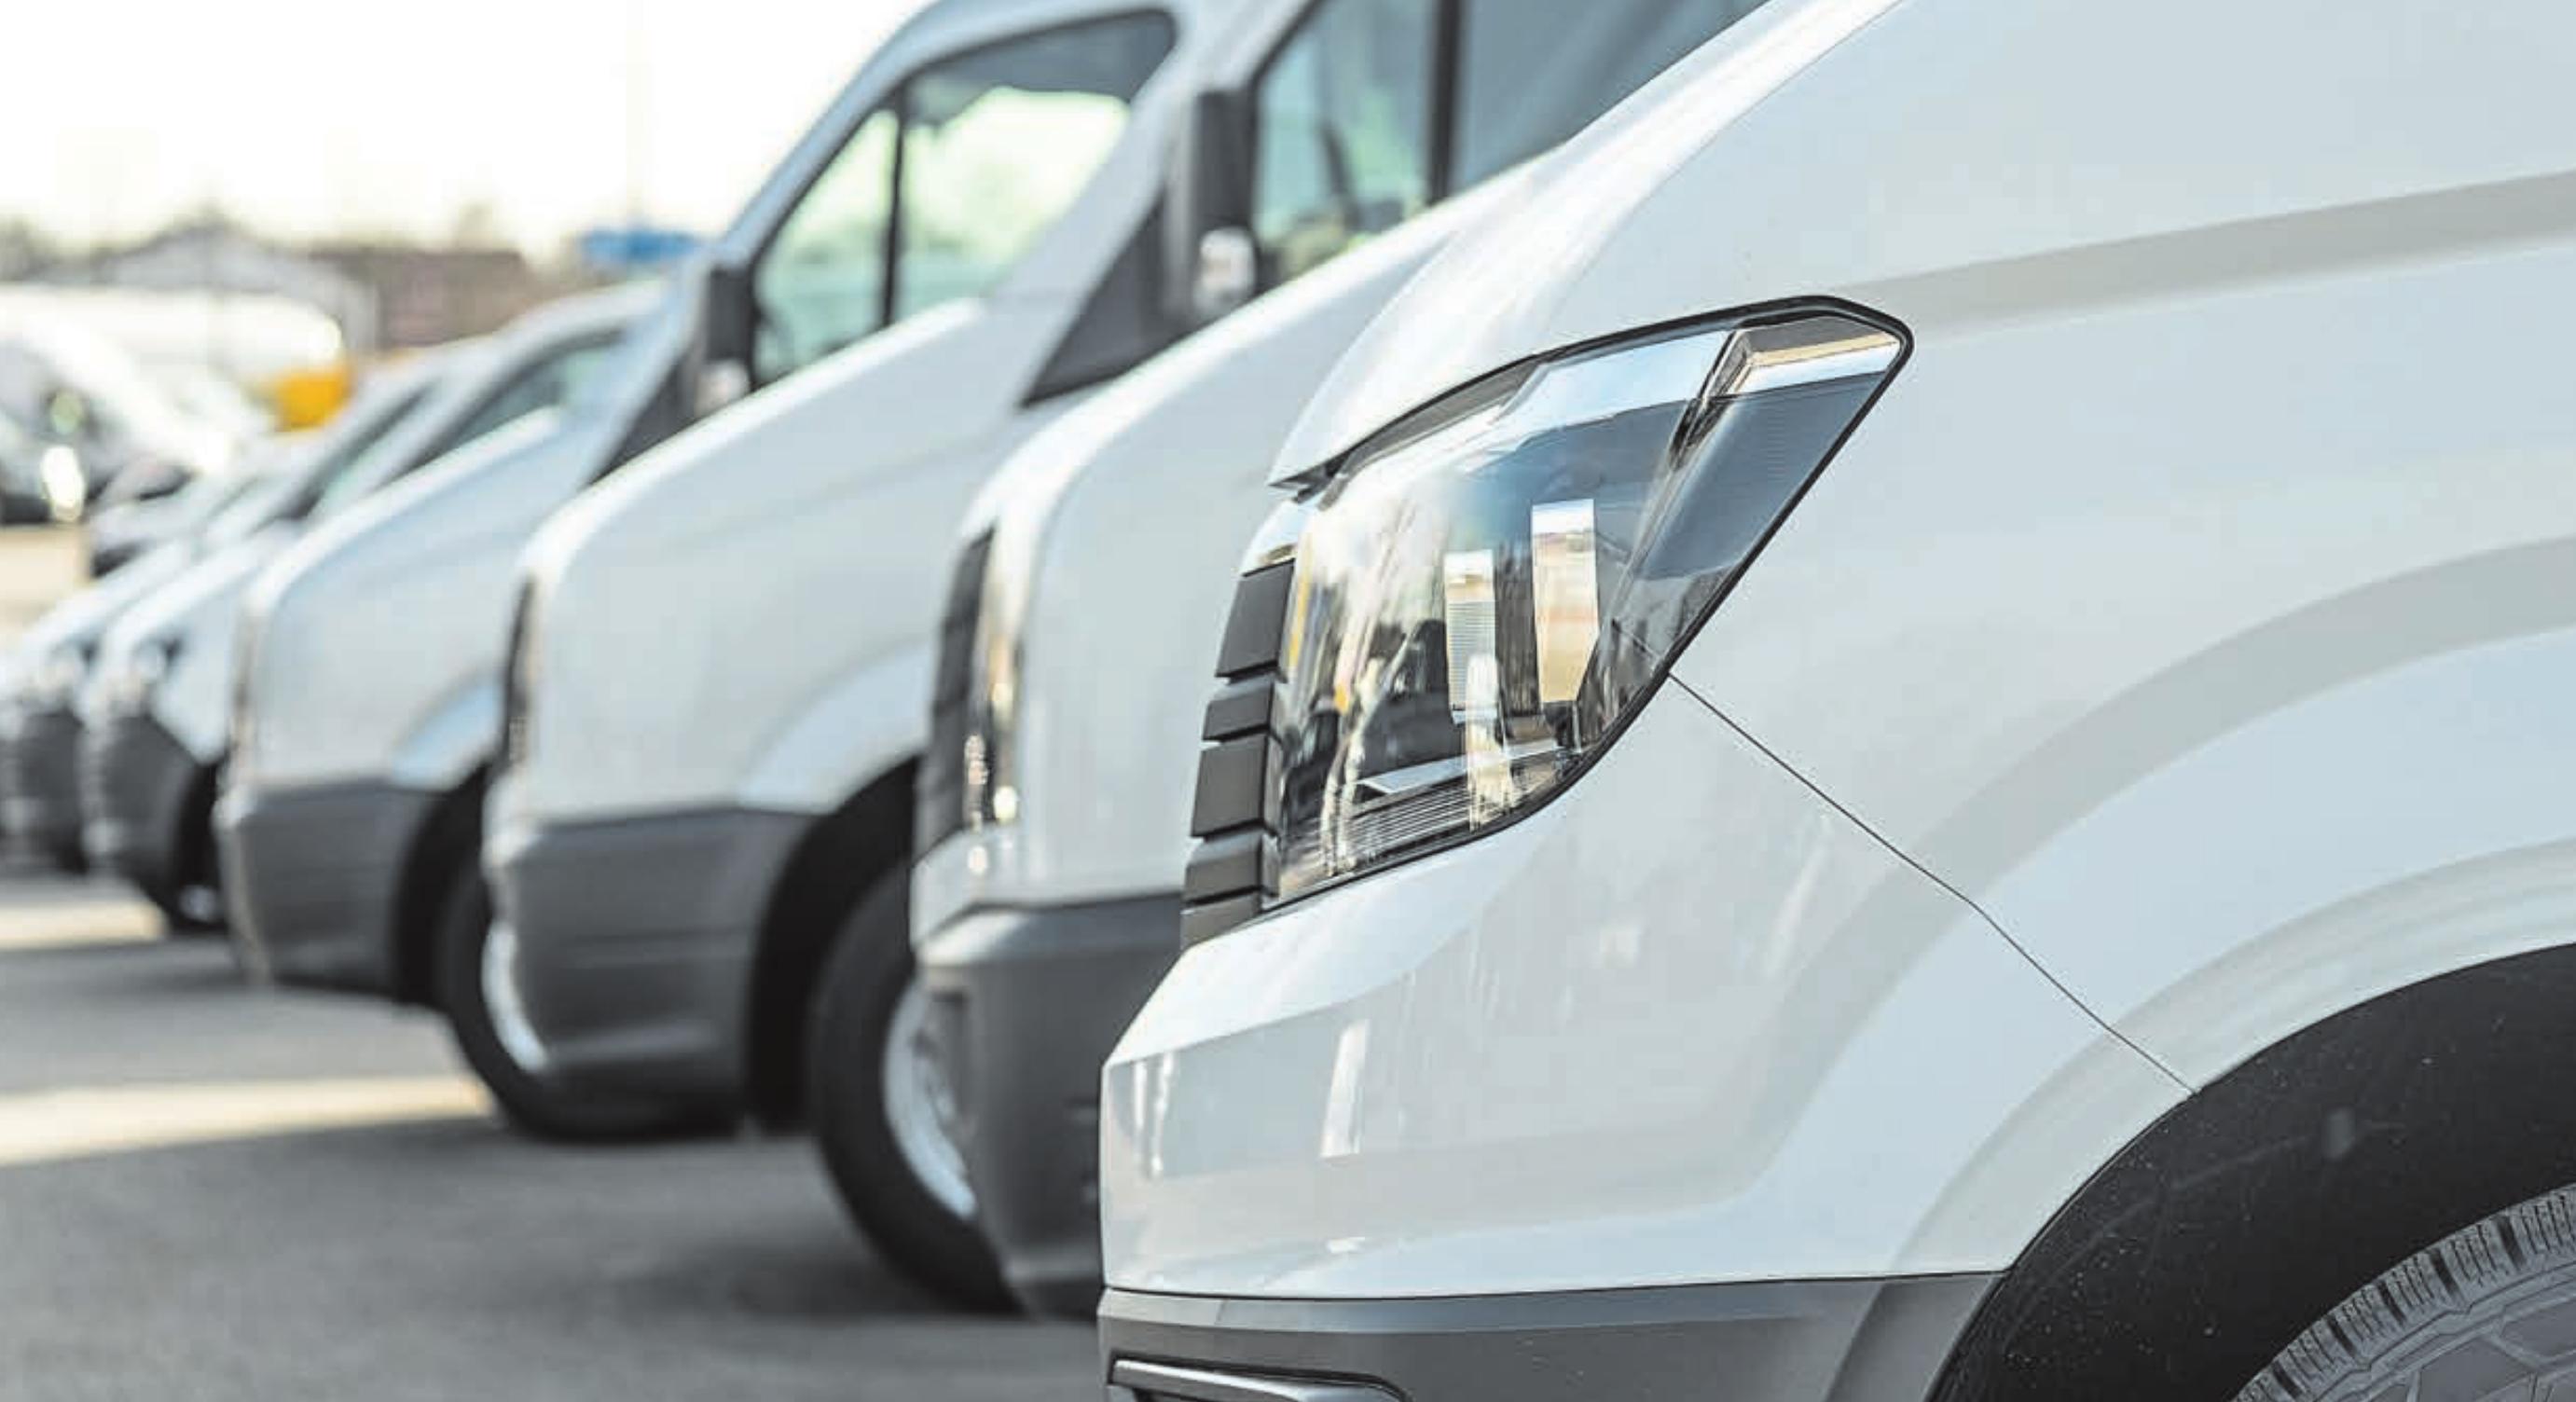 Der digitale Wandel erfasst auch das Handwerk: Die Betriebe müssen Geschäftsprozesse und Abläufe anpassen – inklusive Flottenmanagement. Foto: © deepblue4you / iStockphoto.com